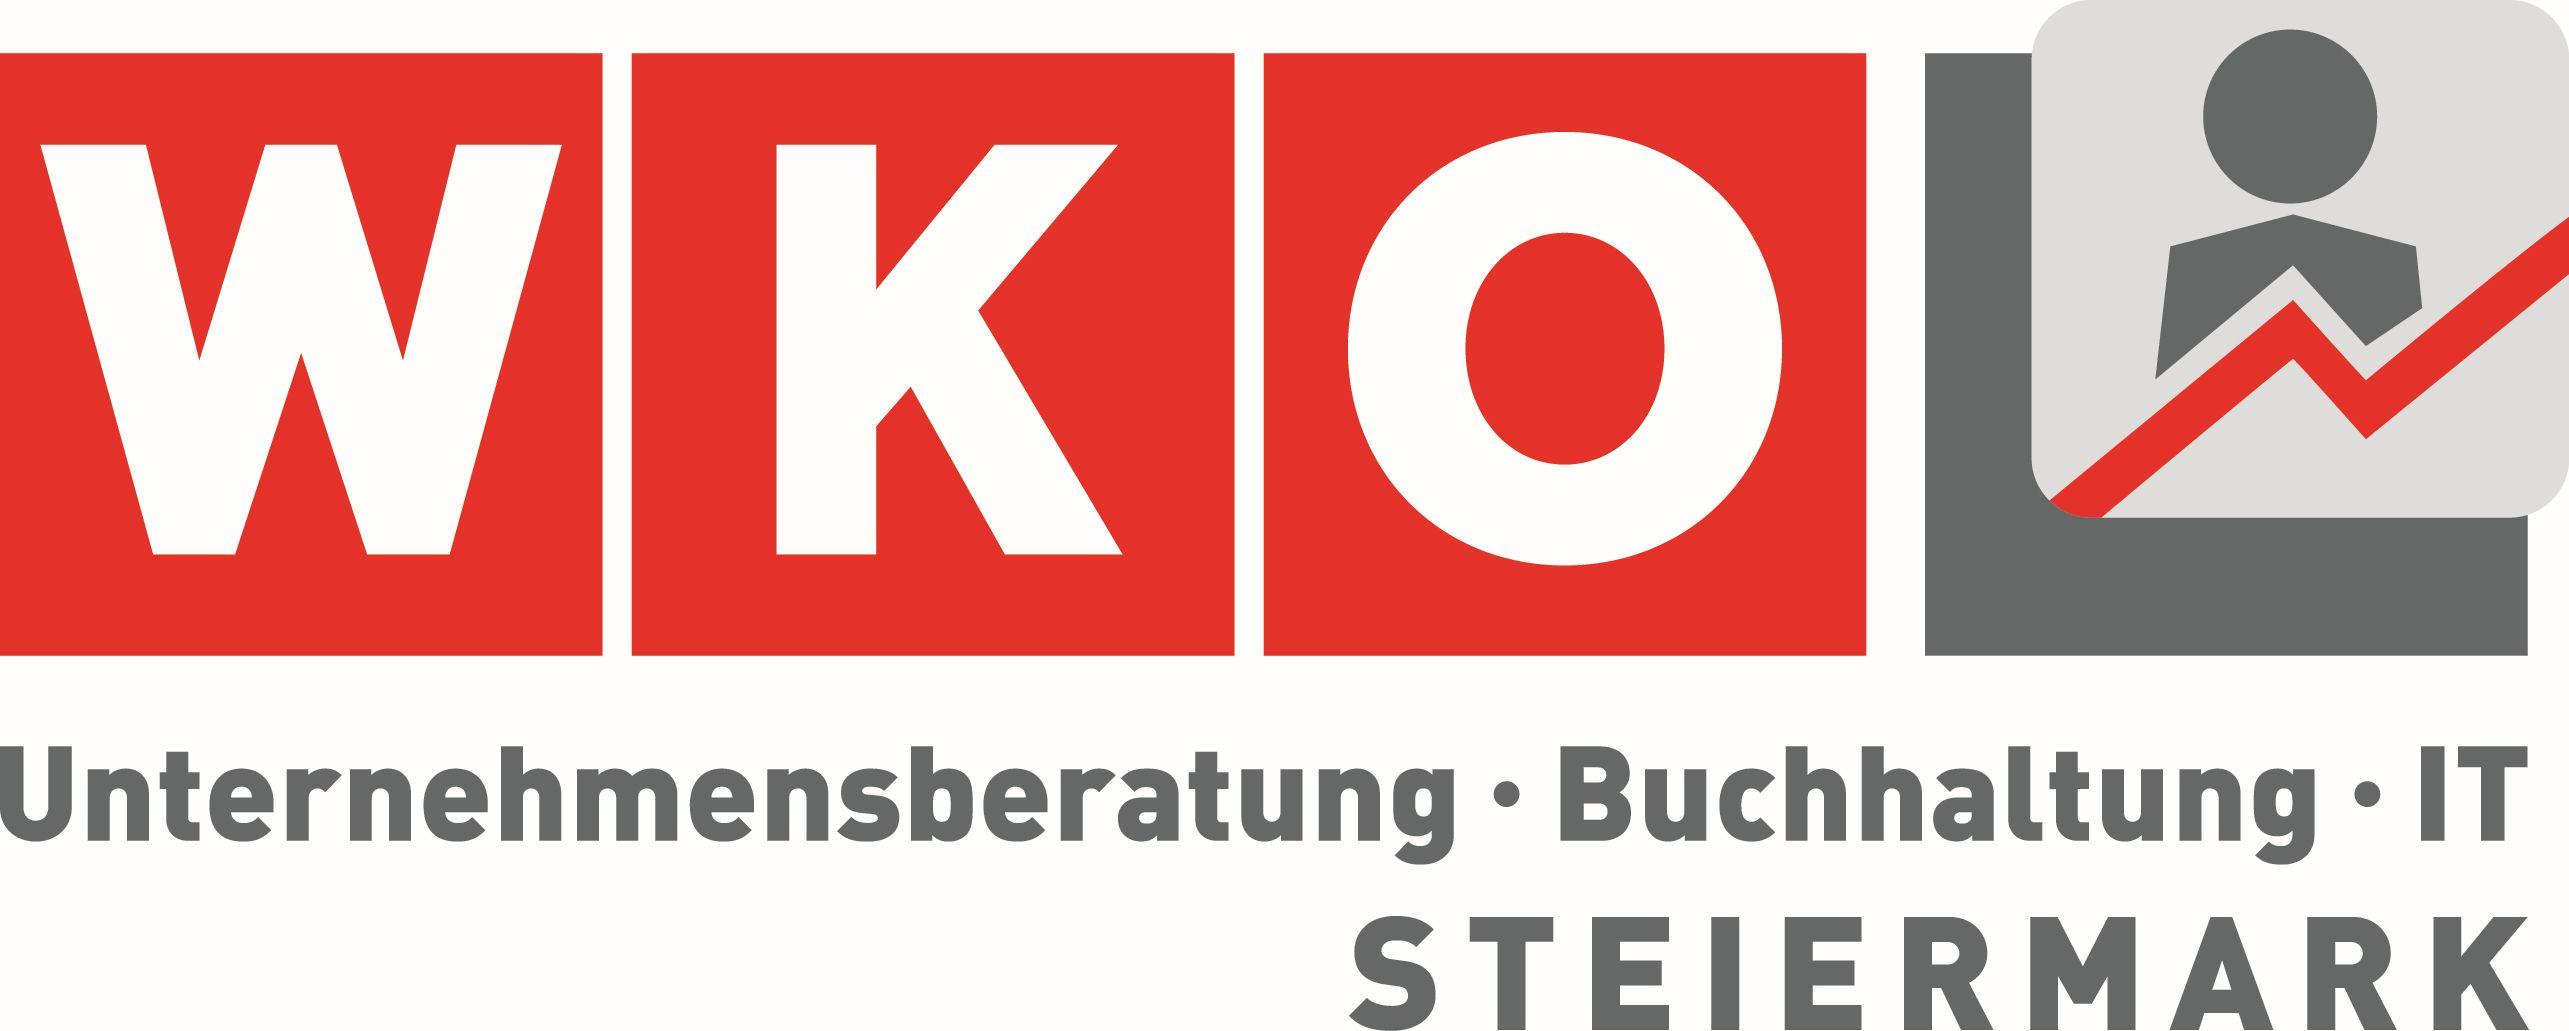 Wirtschaftskammer Steiermark - UBIT